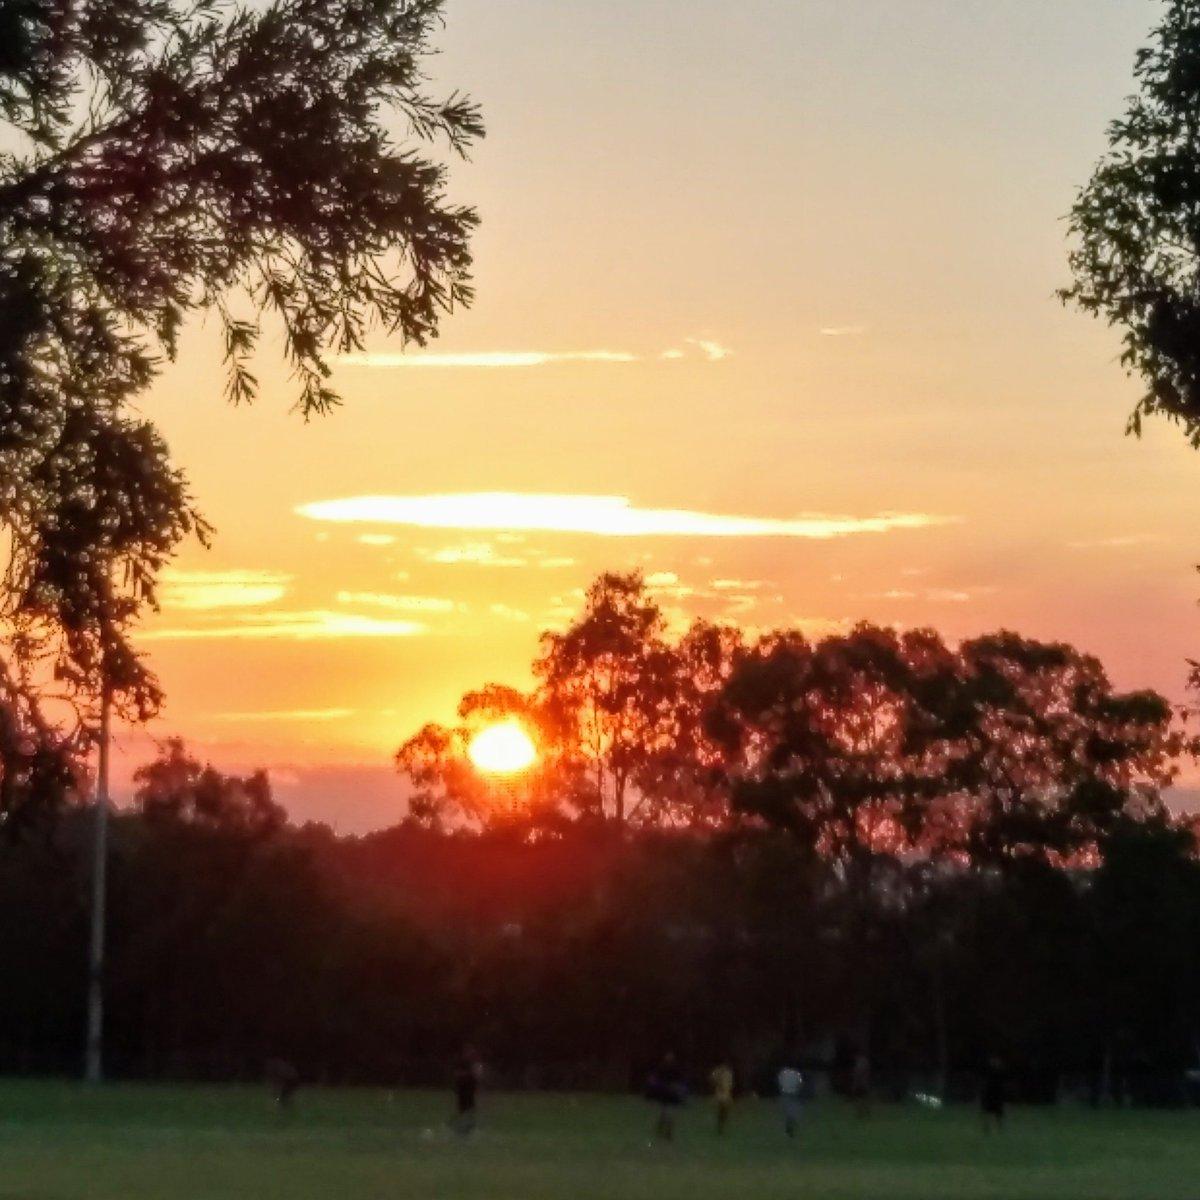 @7NewsSydney @MarkFerguson_7 @Channel7 @7plus #sunset #sunsetphotography #weather #sunsets #weatherphotos #skyphotos #skyphotography #NaturePhotography #naturelovers #earthescope #snapsydney #stclair #sydney #Photos #photographer #PhotoOfTheDay #photograghy #photographylovers #photojournalism #photo @NatGeoMag @sunriseon7